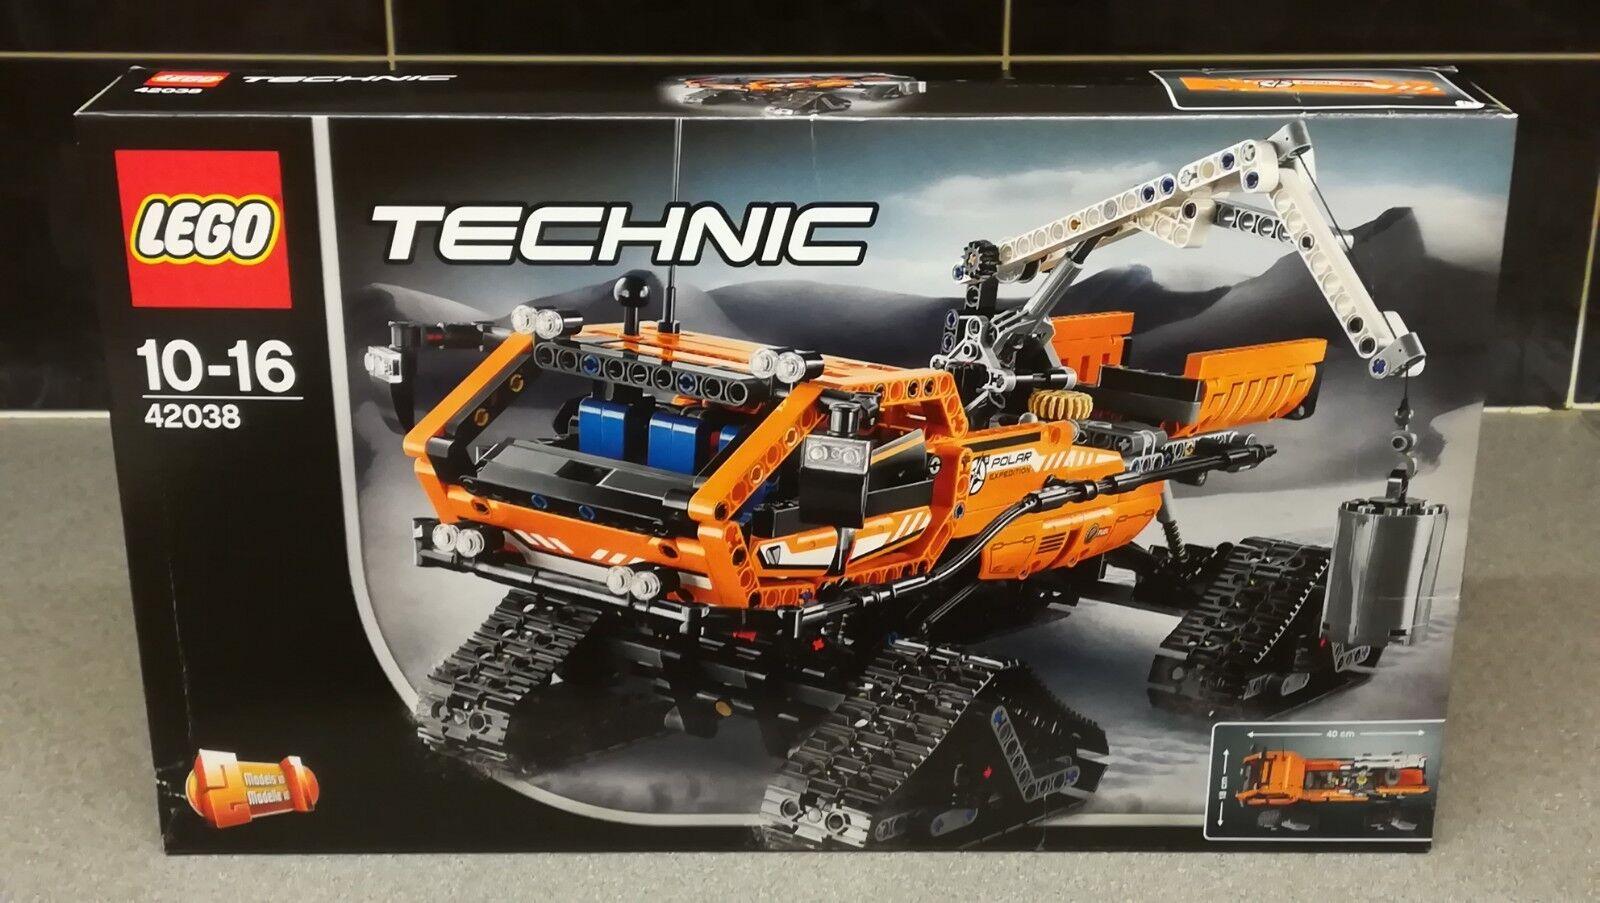 LEGO Technic 42038 CAMION ARTICO-Brand new_2 con alcune shelfwear